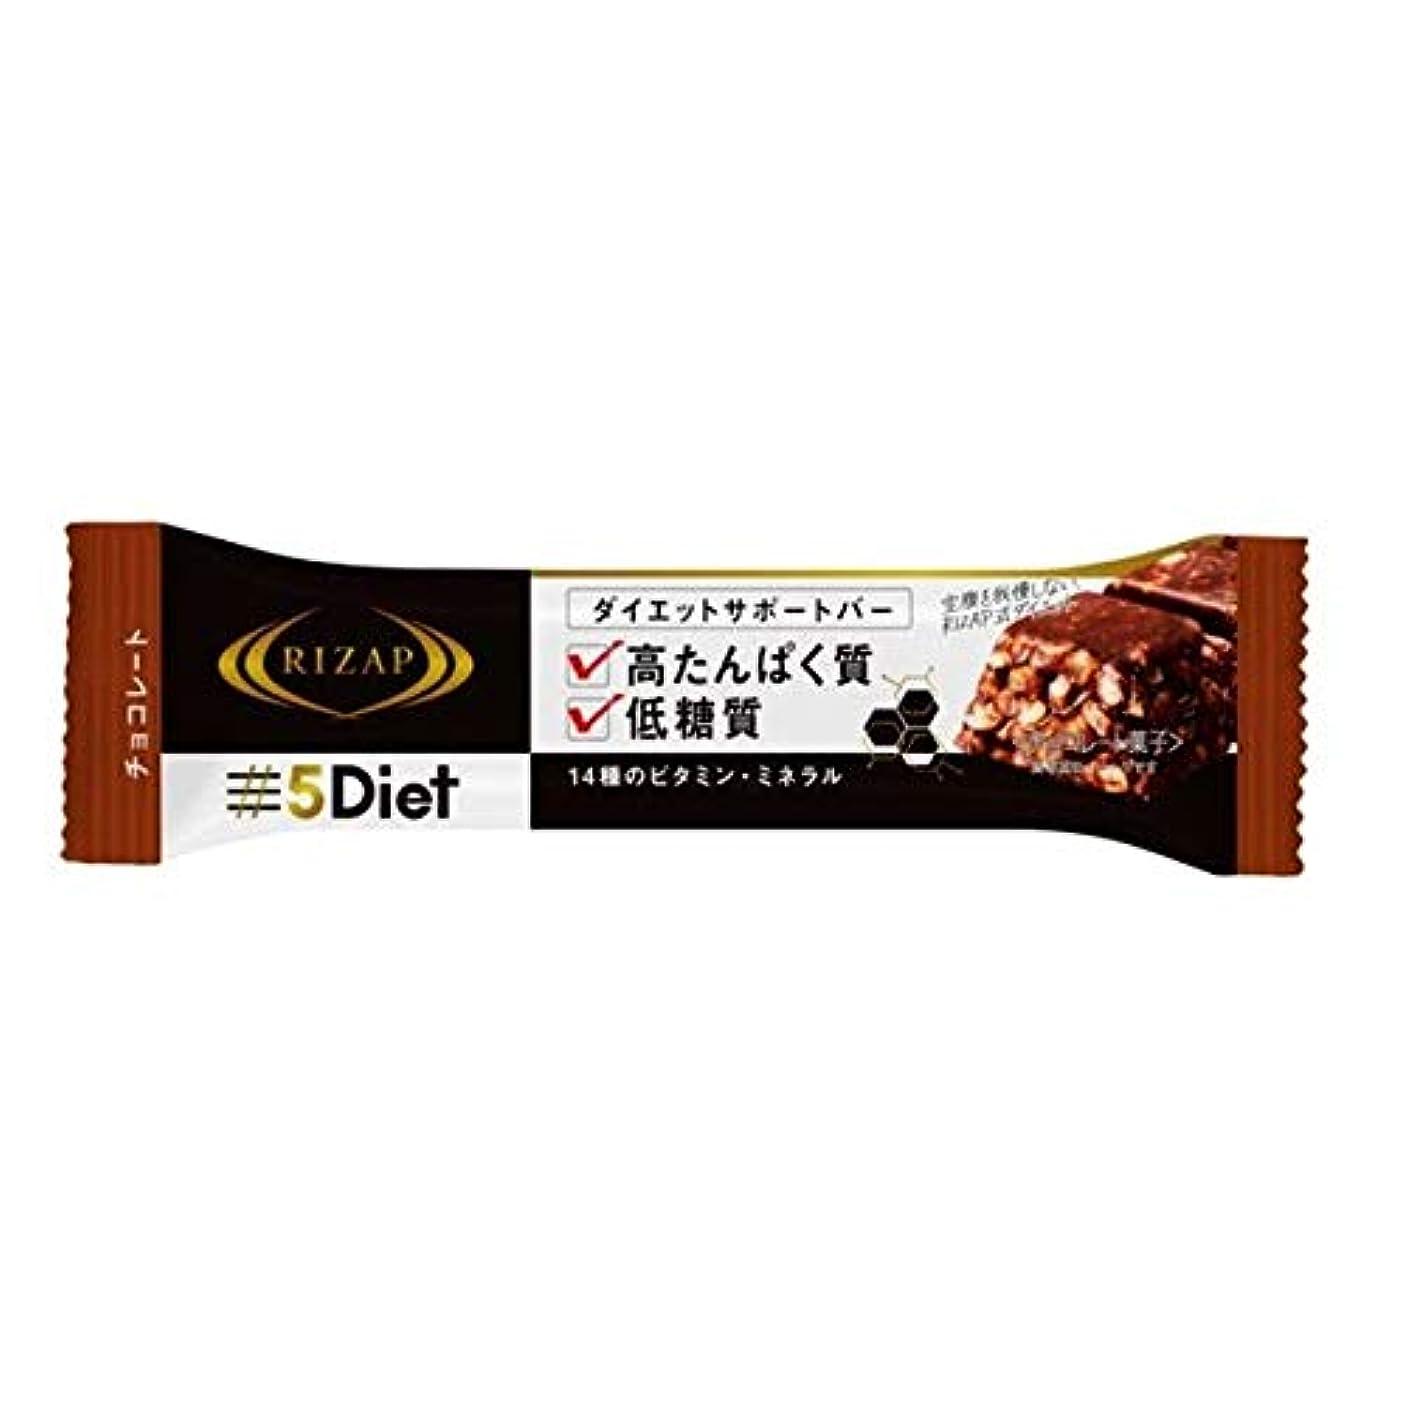 列車それから異議◆RIZAP(ライザップ) ダイエットサポートバー チョコレート 30g【6個セット】